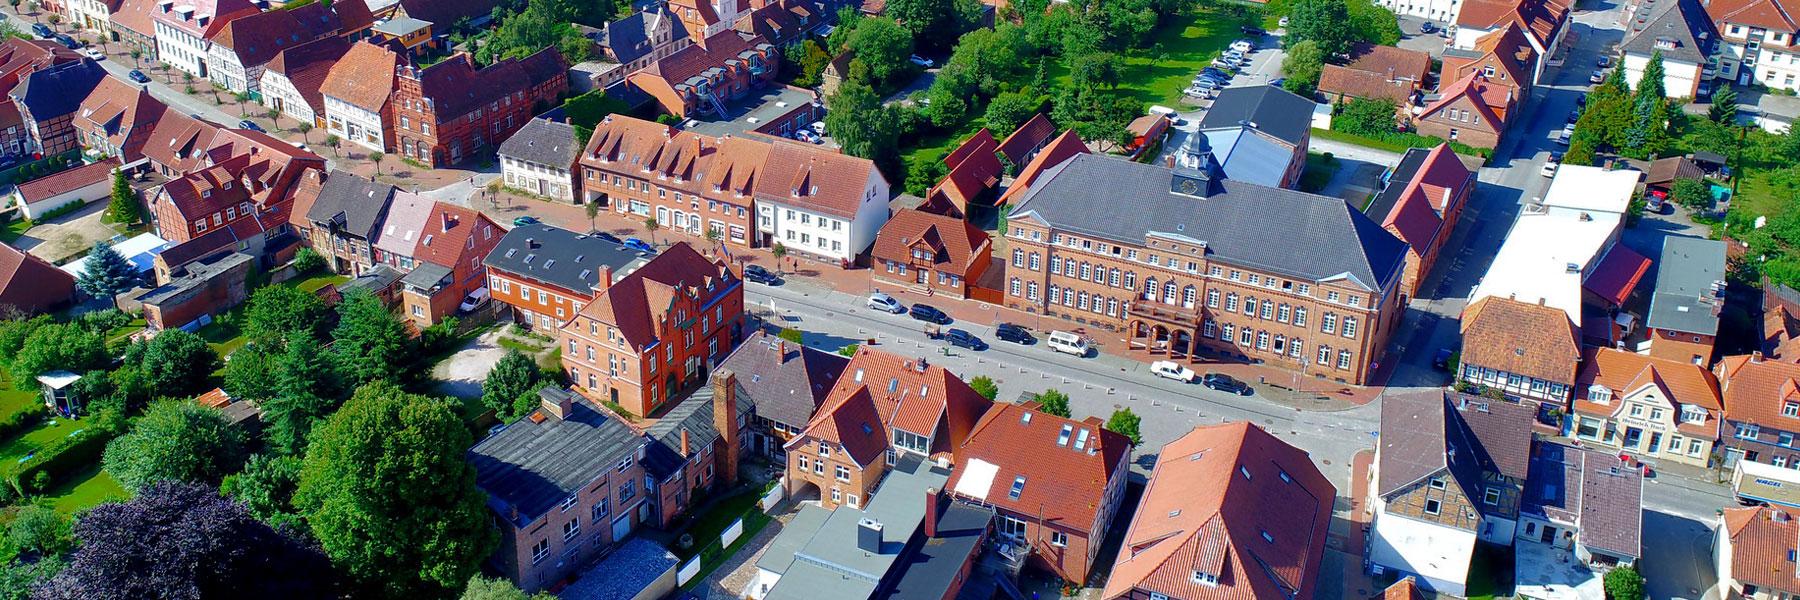 Luftaufnahme - Hagenow